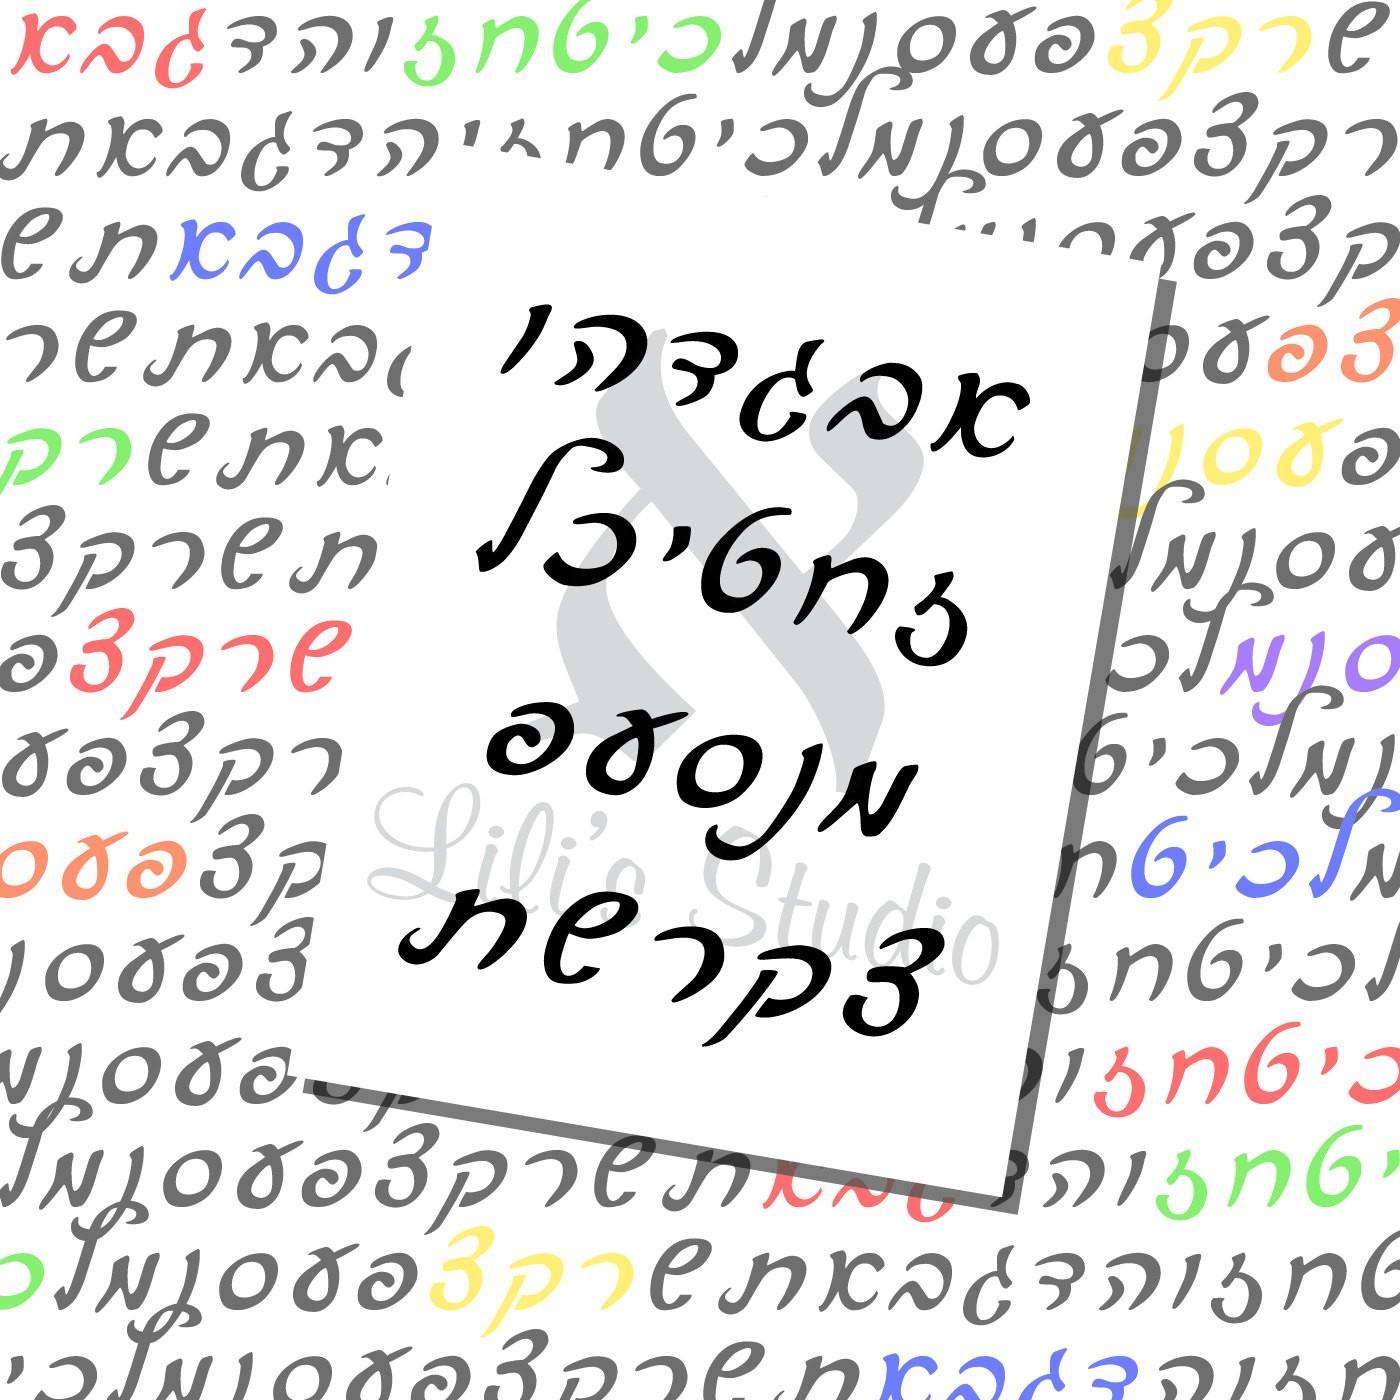 Calendario 2019 Imprimir Decorado Más Arriba-a-fecha Colorido Judo Hebreo Ktav Alfabeto Clásico Letras Colores